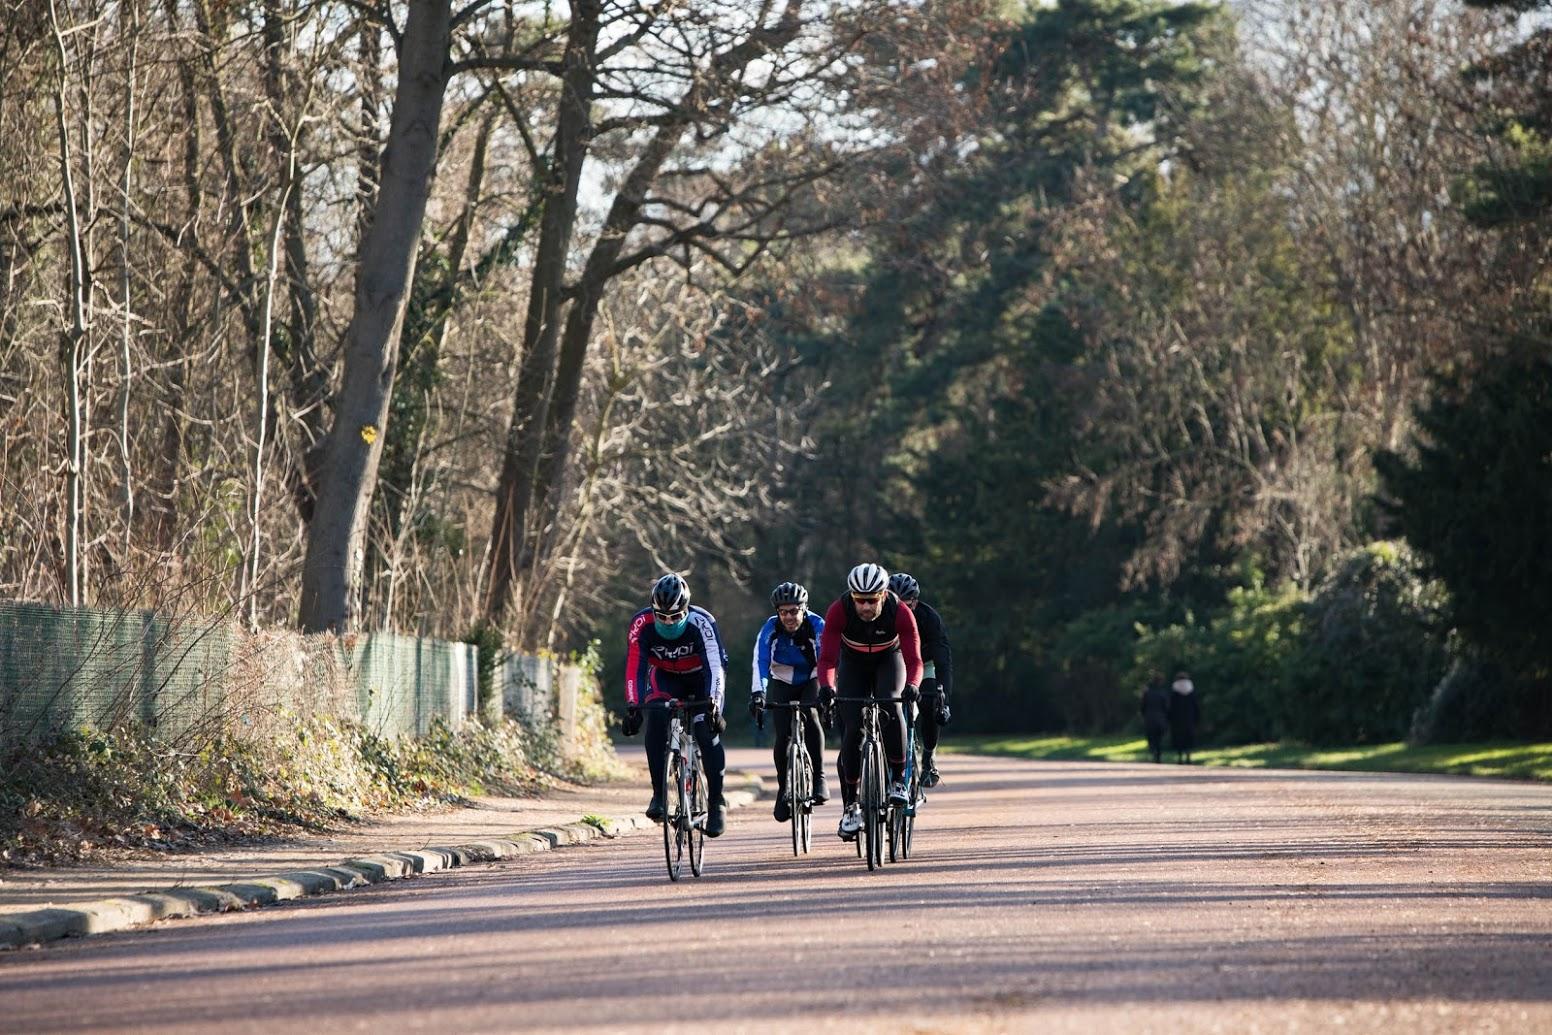 Cyclistes au bois de Boulogne